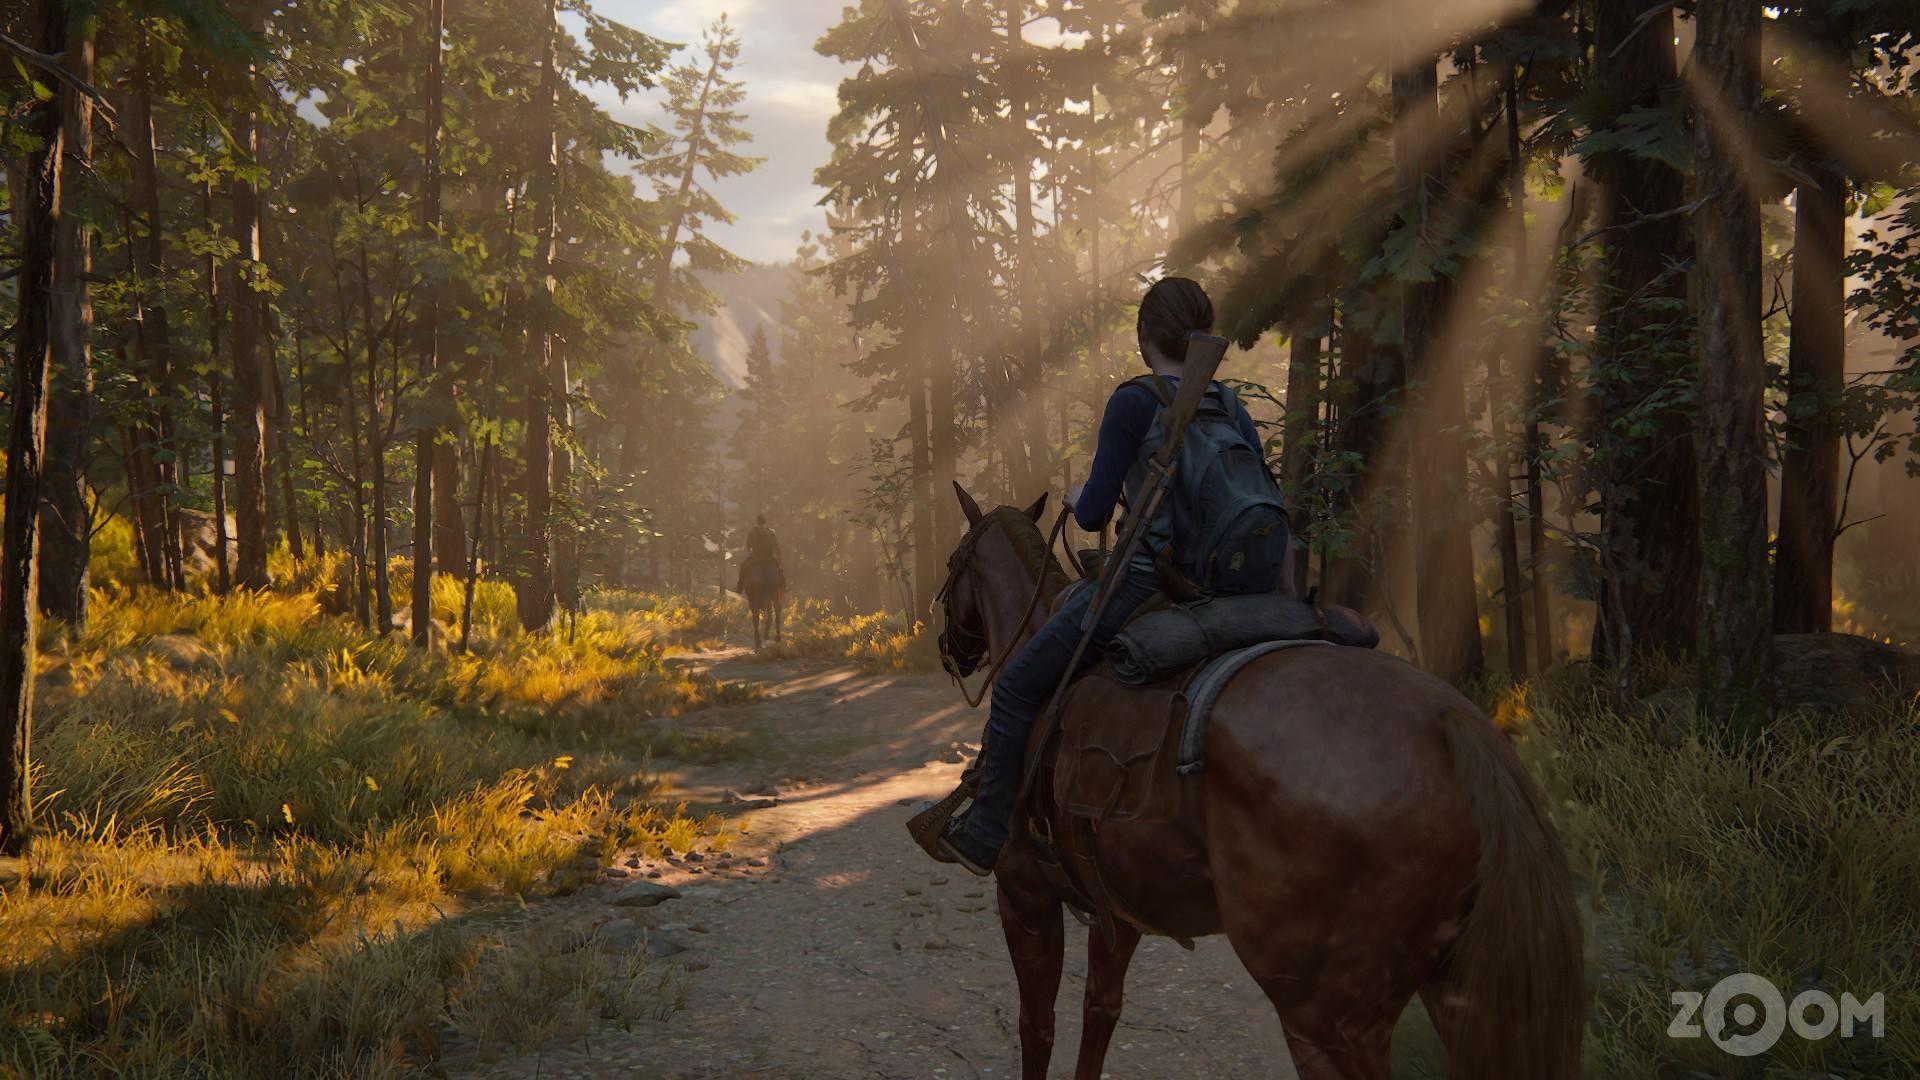 Os gráficos de The Last of Us Parte 2 são de tirar o fôlego. (Foto: Murilo Tunholi/Zoom)